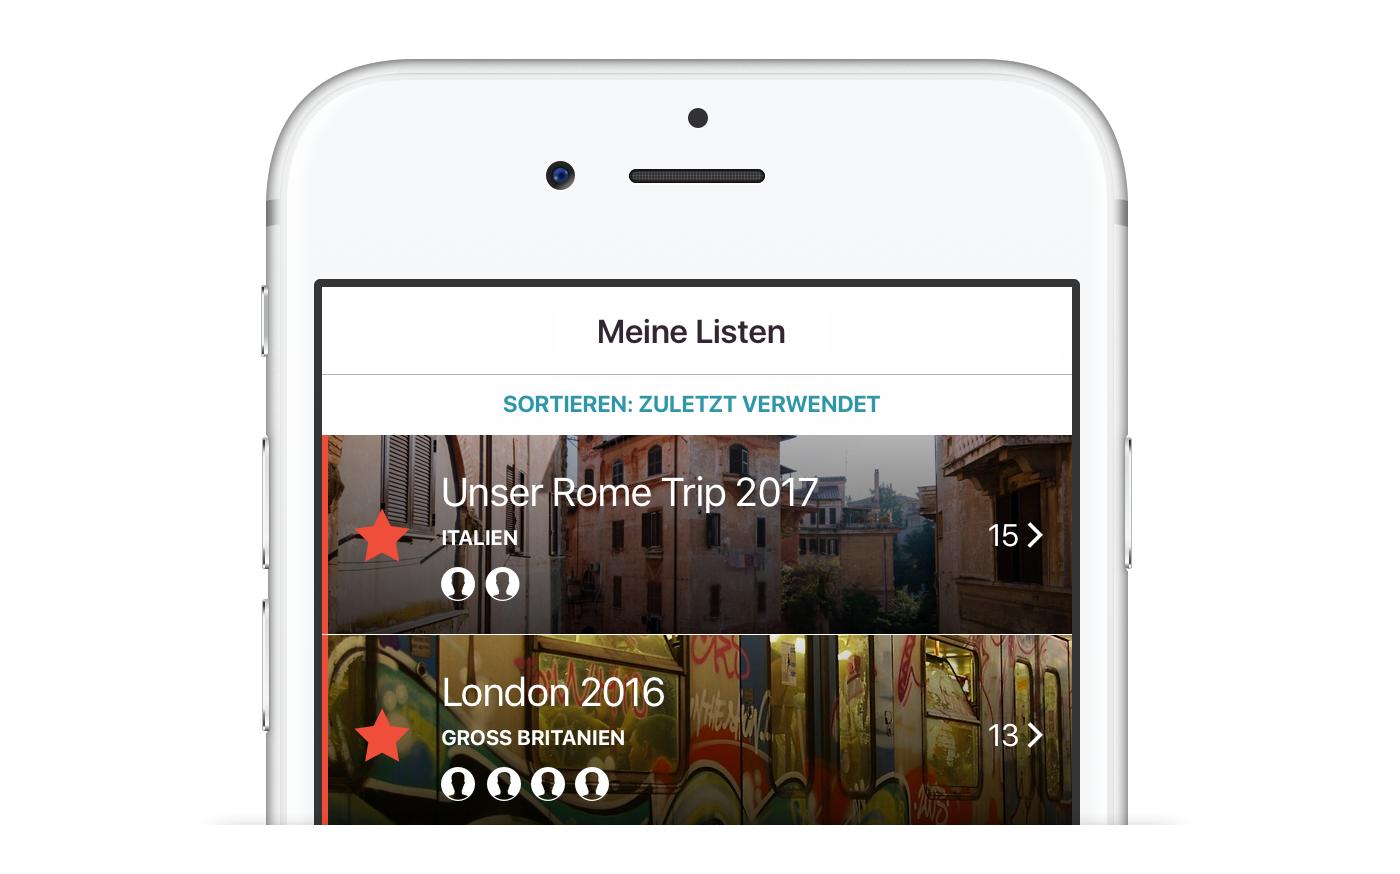 citymaps2go-gemeinsame-listen